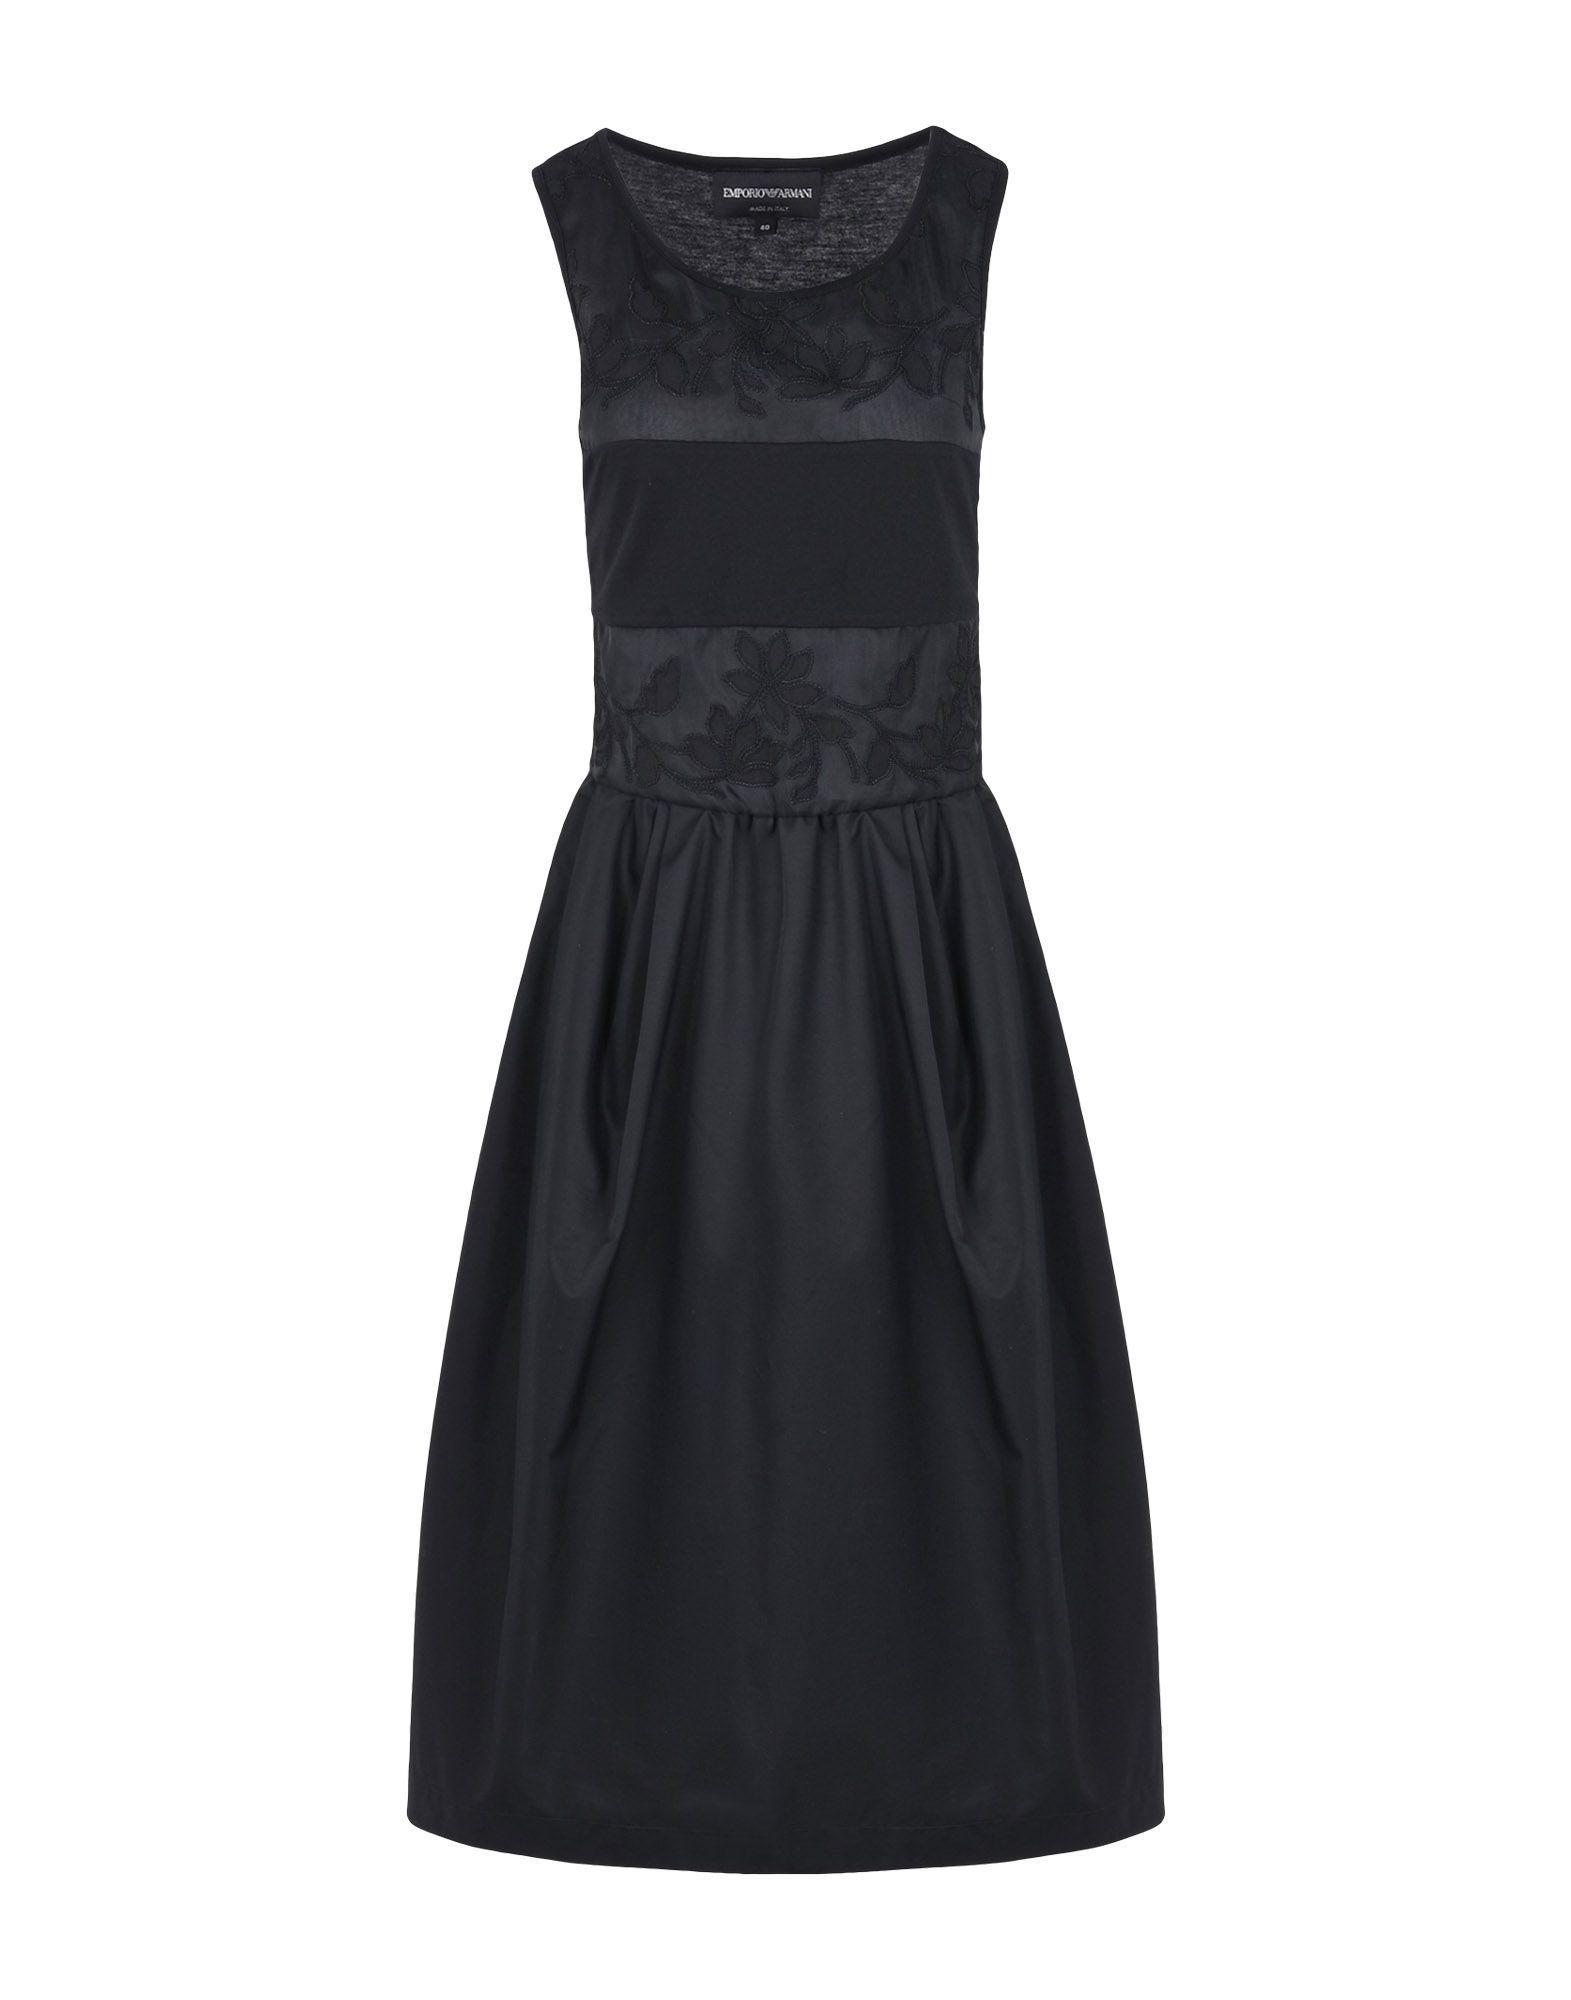 Emporio Armani In Black